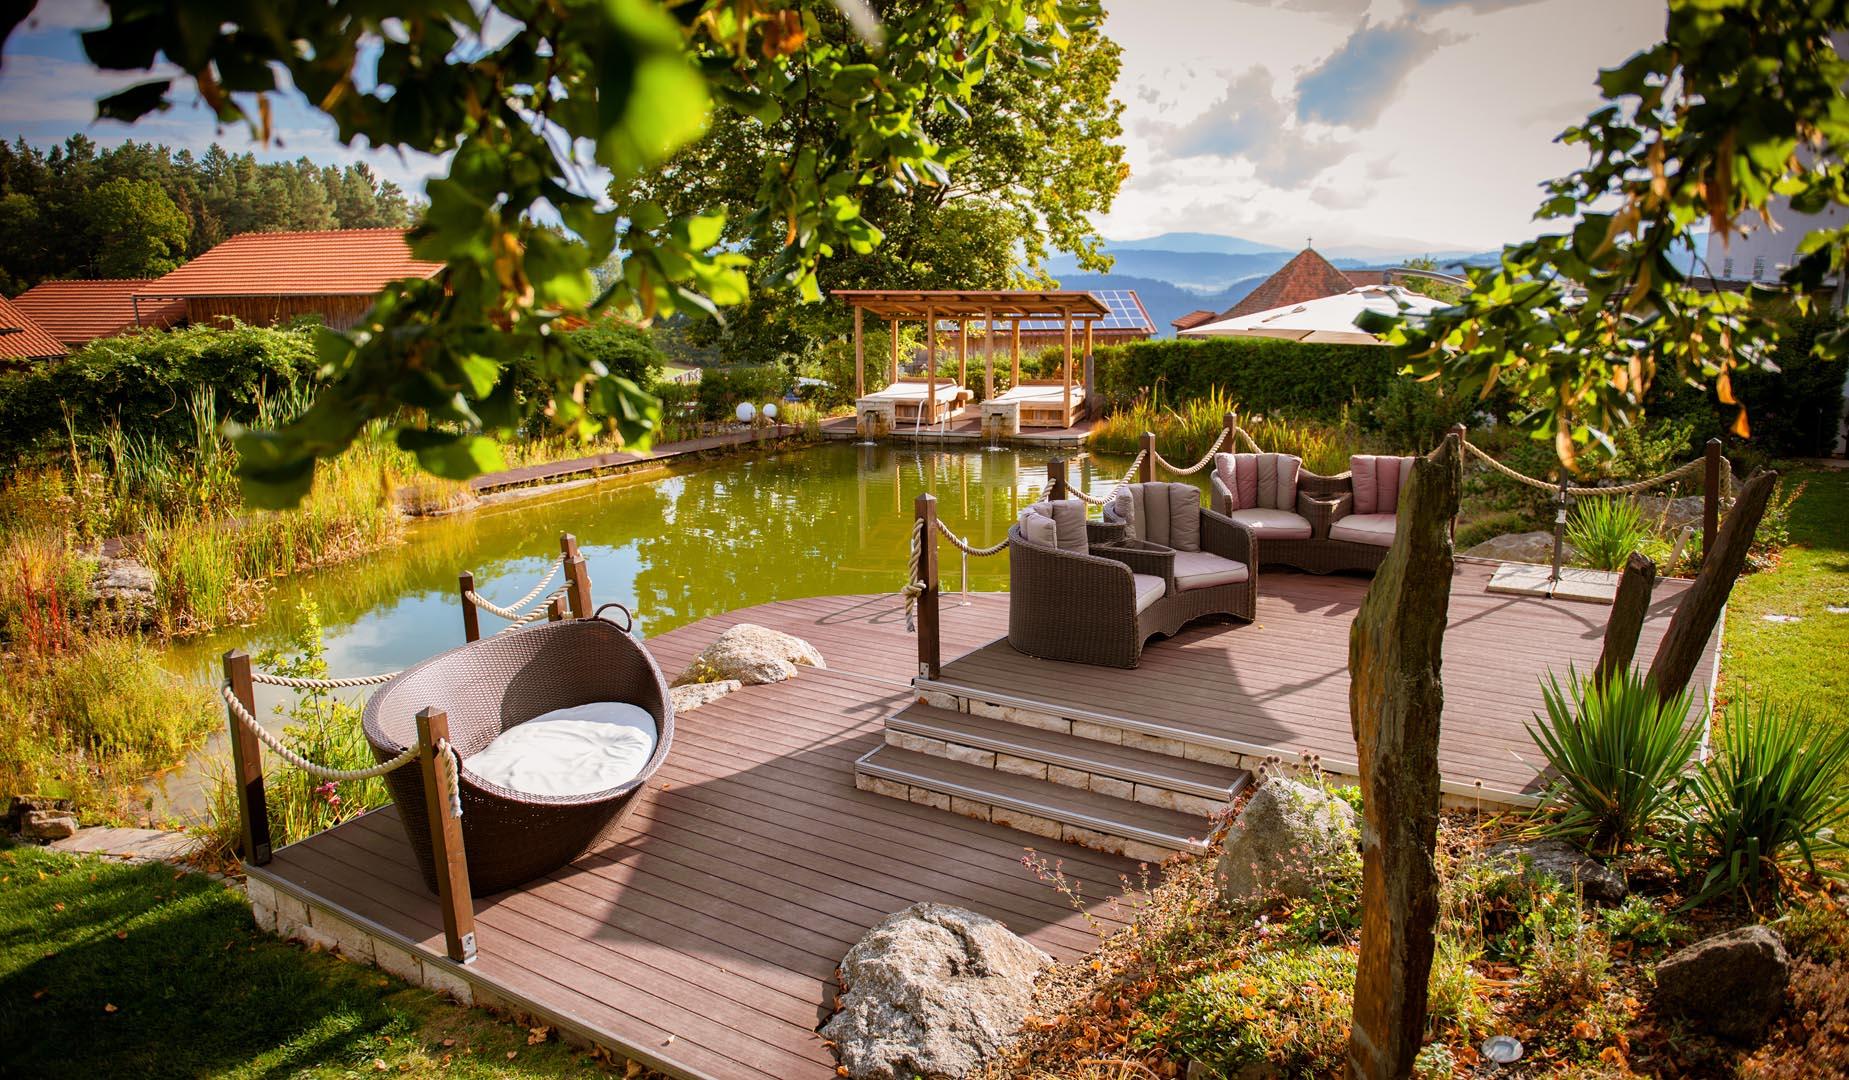 Naturteich wellnesshotel for Naturteich zum schwimmen